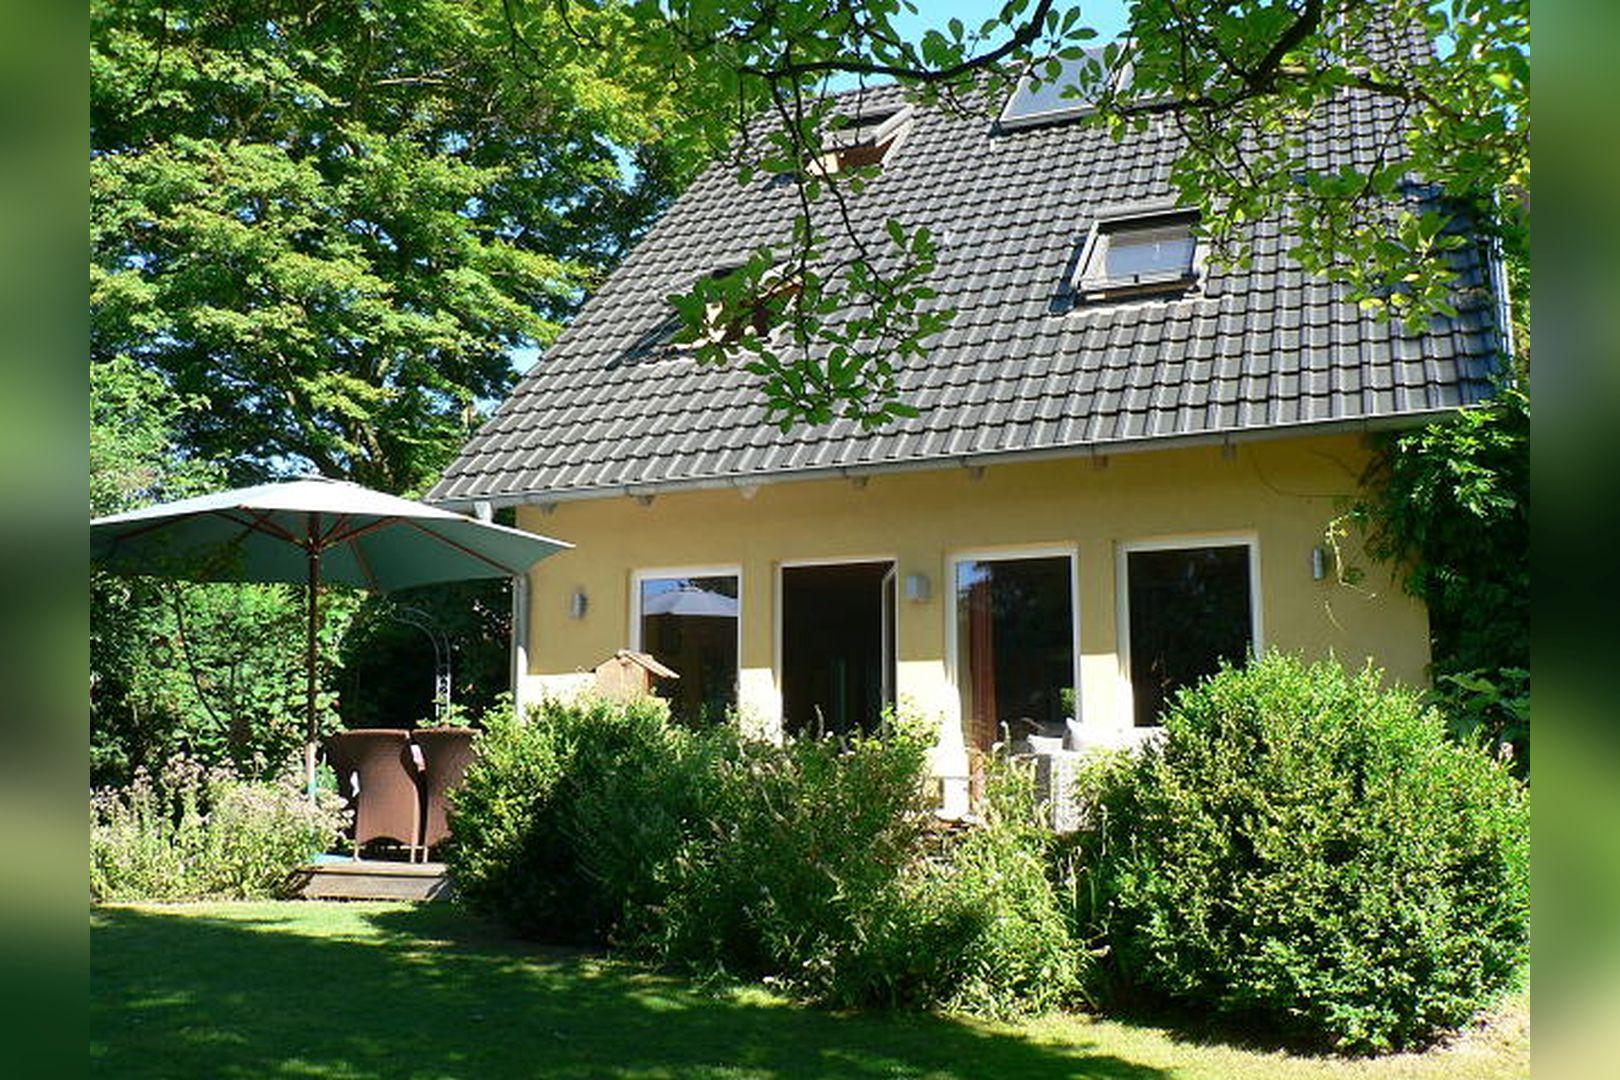 Immobilie Nr.0233 | Bommersweg 11 a, 40670 Meerbusch